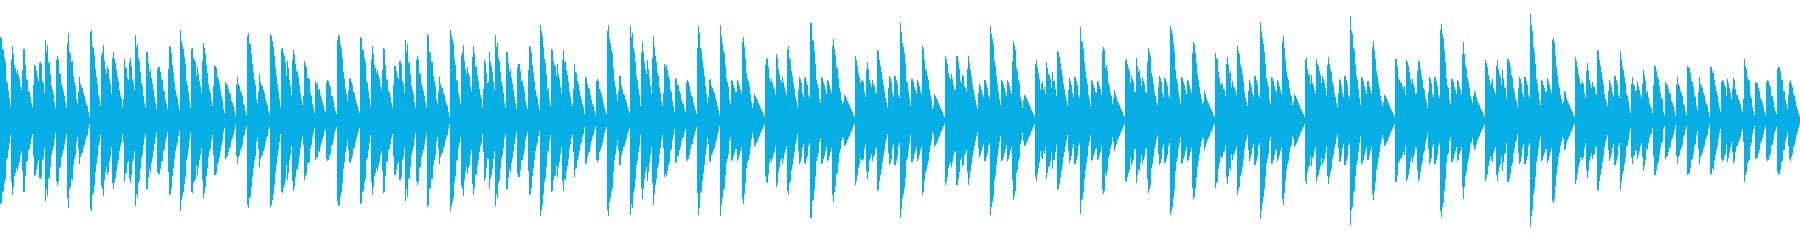 しっとりした雰囲気のレトロゲーム風BGMの再生済みの波形